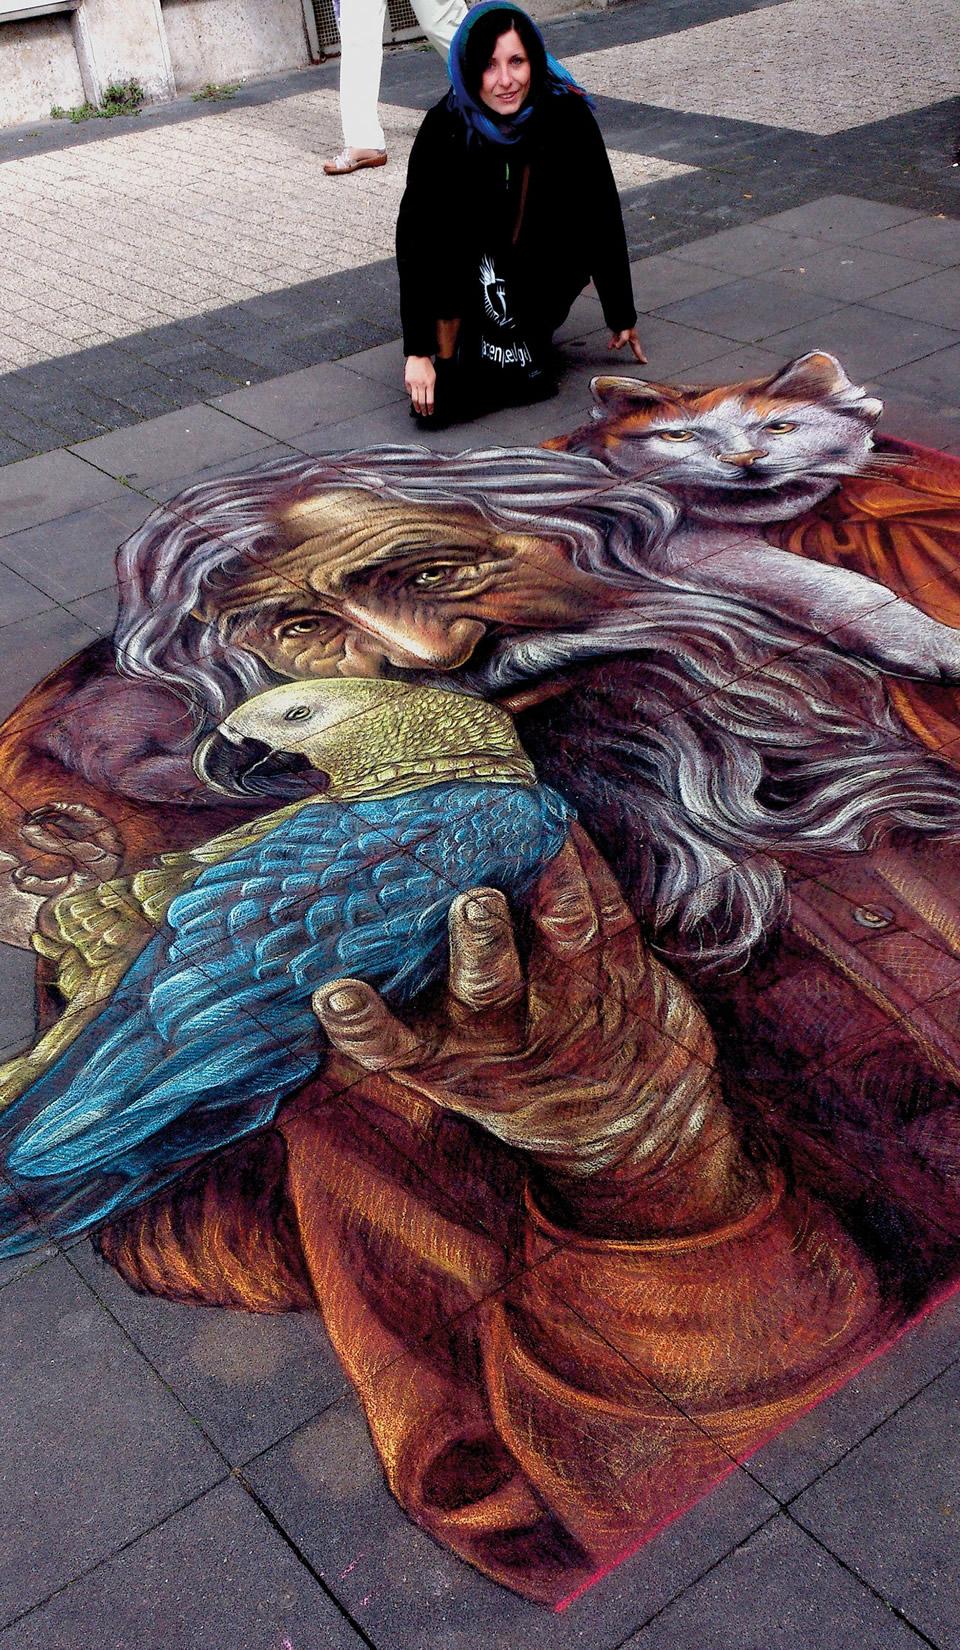 Die Erzähler Geldern Straßenmaler Fest, Germany 2013. (3,7x3,2 m)